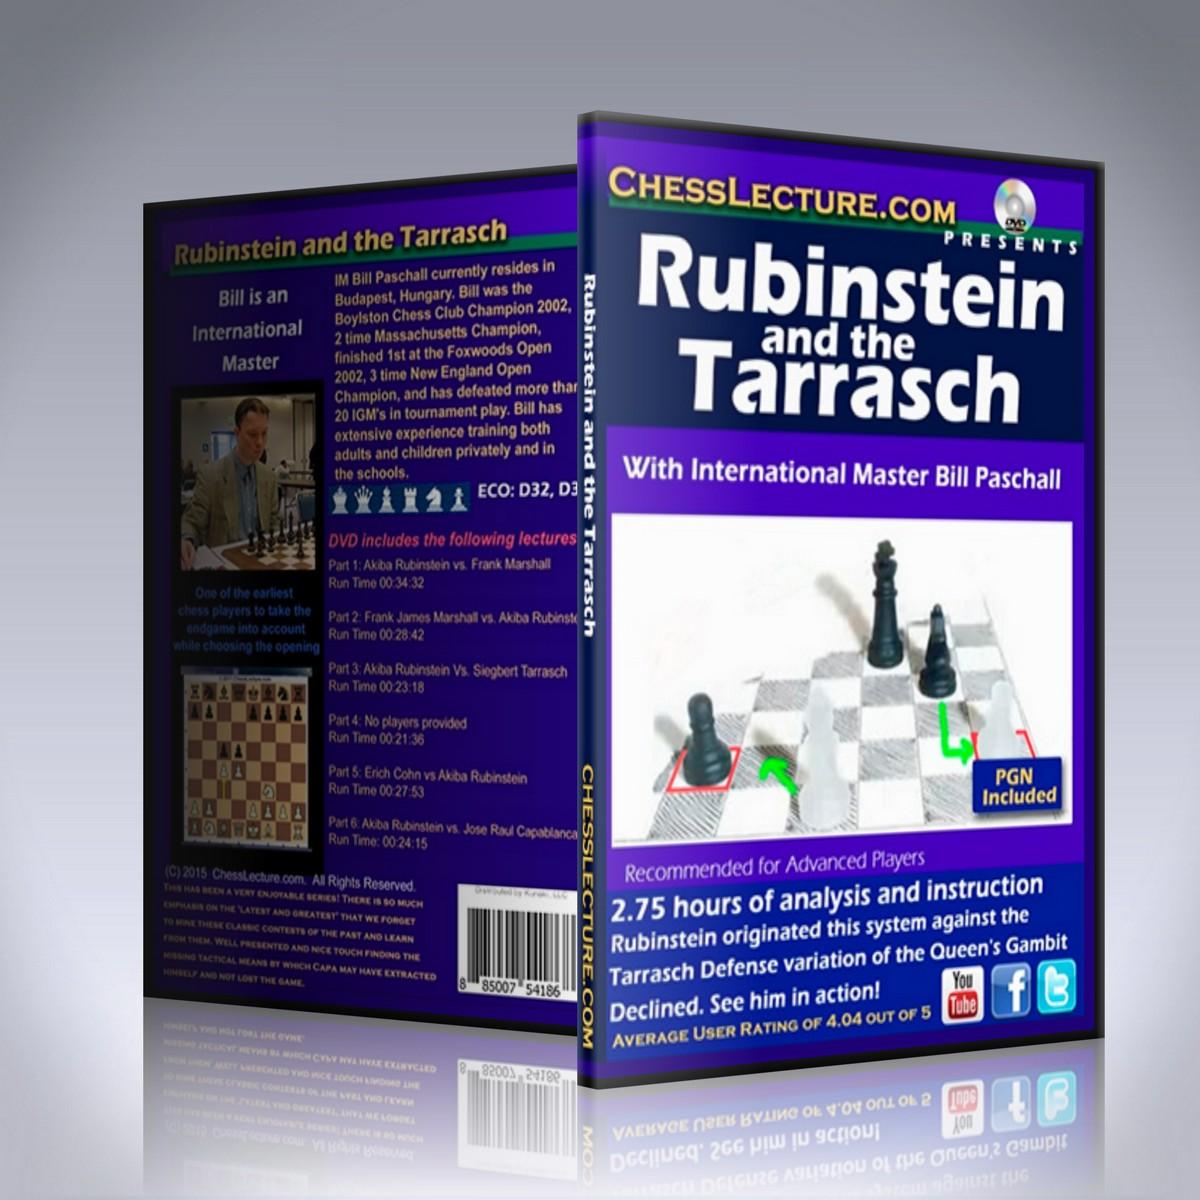 Rubinstein and the Tarrasch – IM Bill Paschall